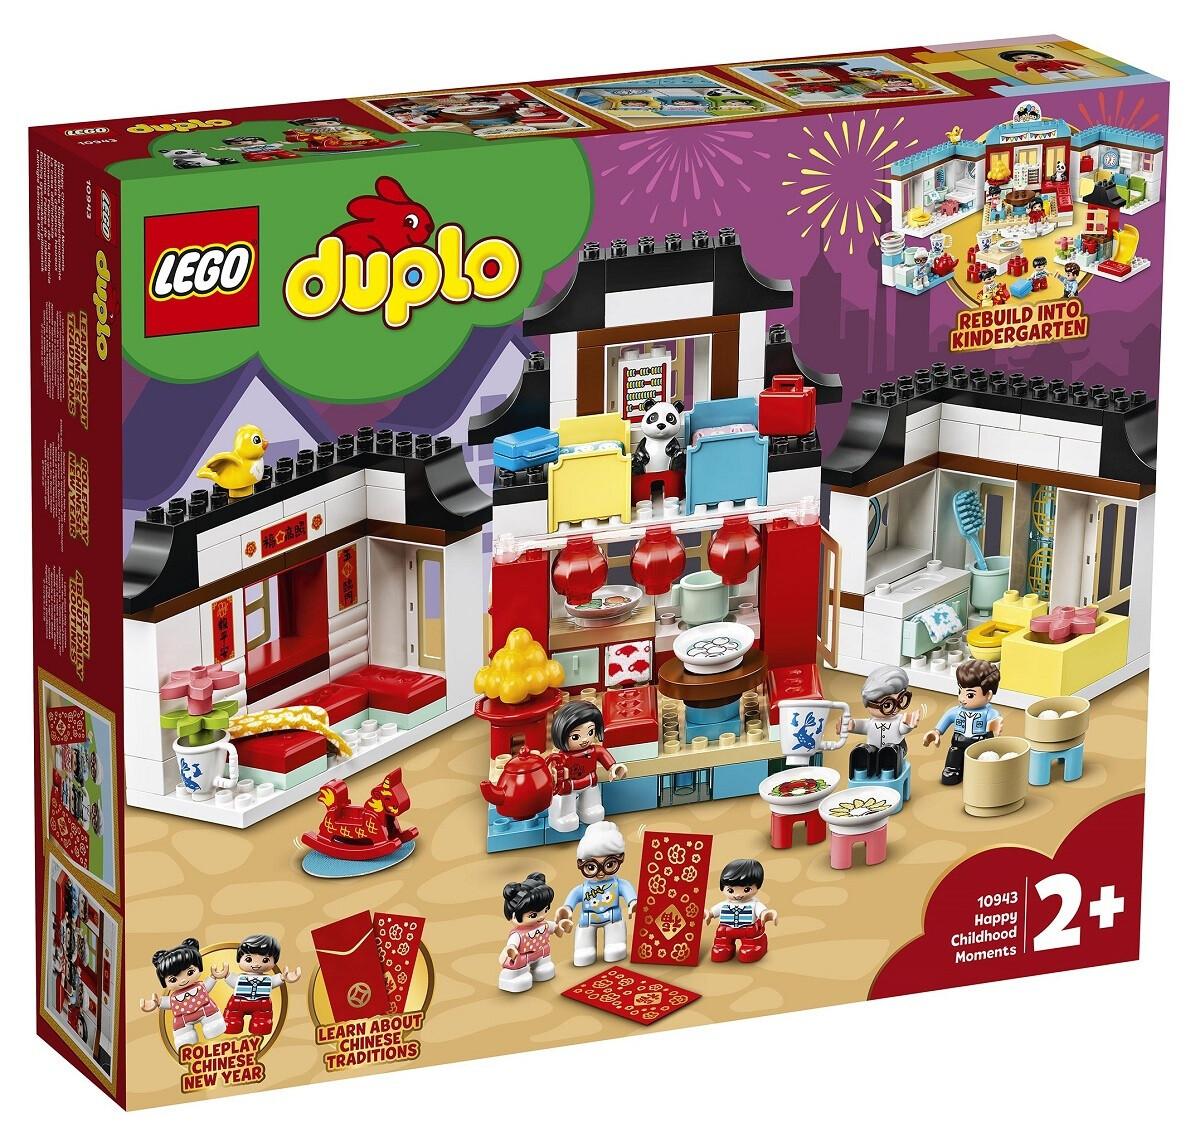 Конструктор LEGO Duplo 10943 Счастливые моменты детства